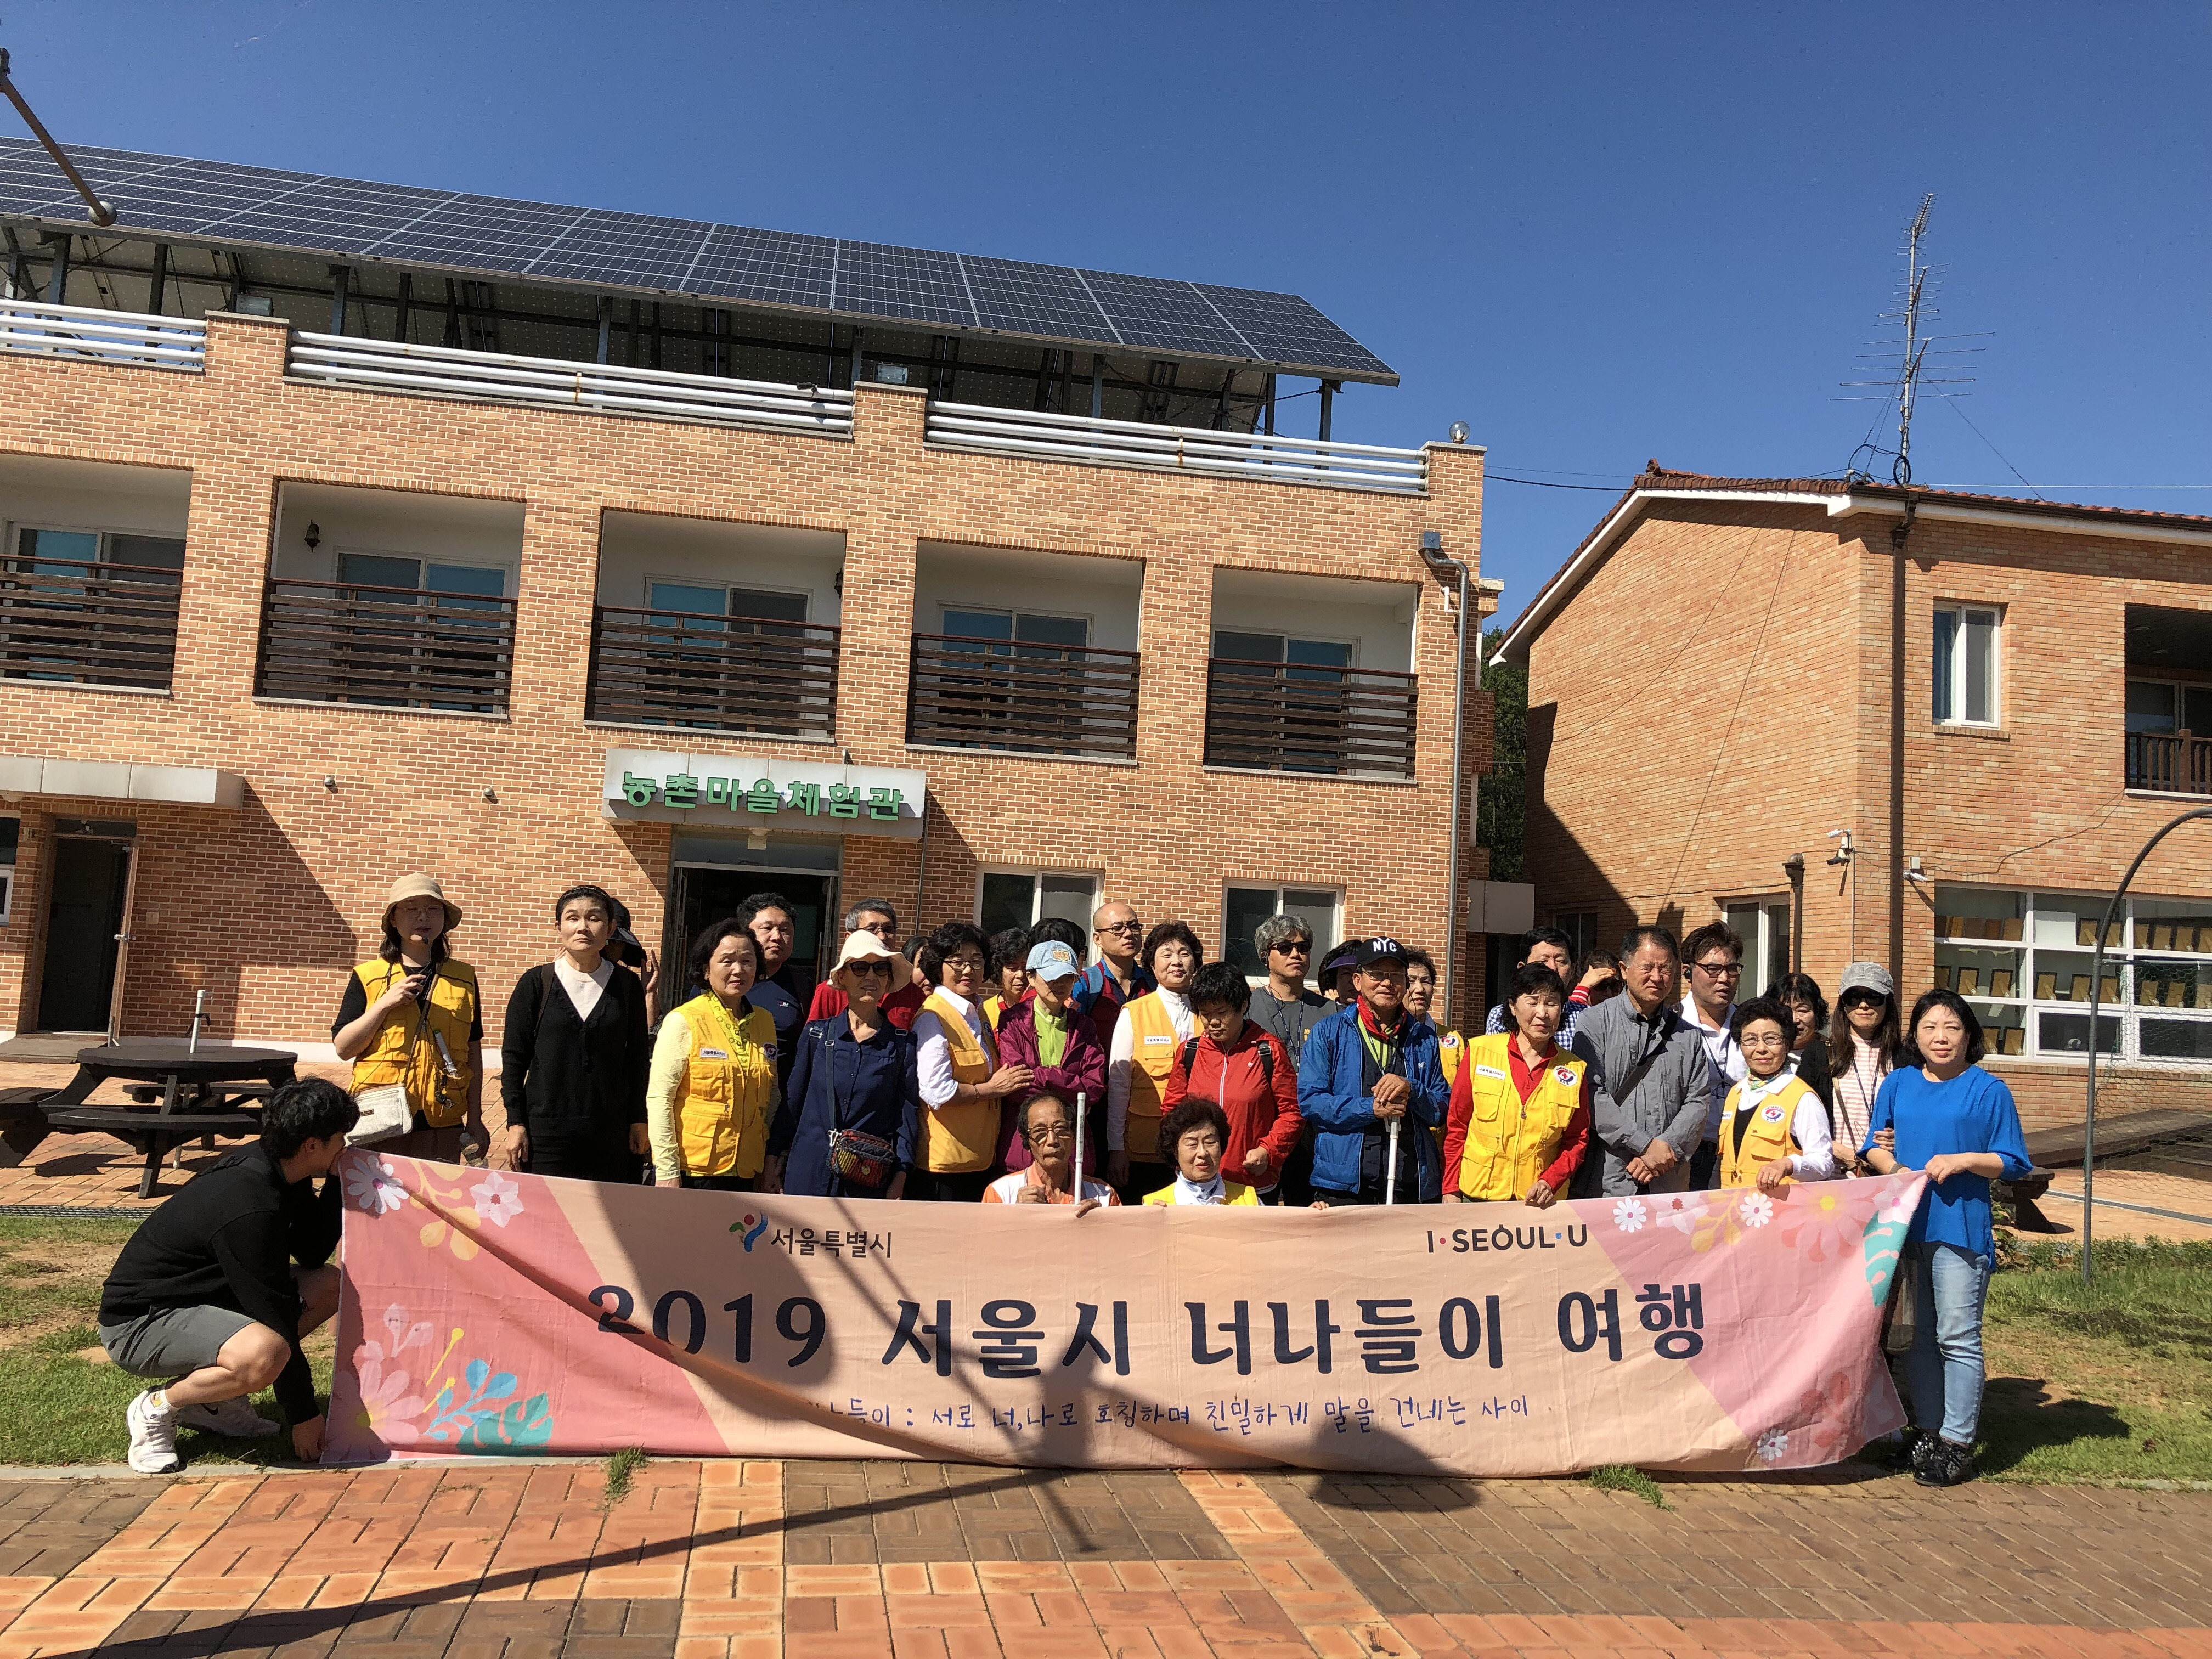 2019년 서울시 너나들이 여행 썸네일